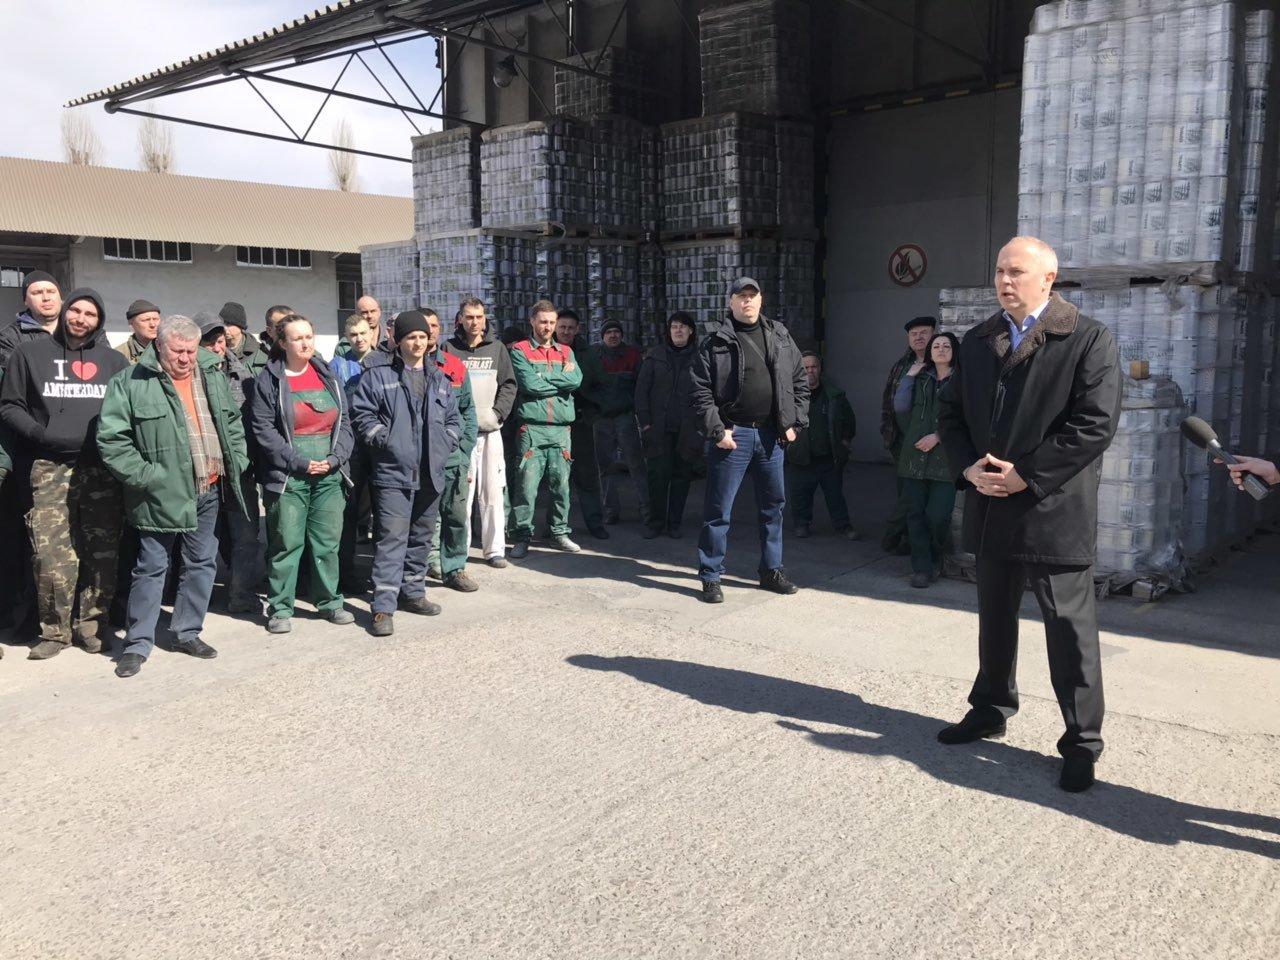 Нестор Шуфрич: Если не изменить отношение к отечественному производителю, то экономику не удастся поднять не то что следующие пять, а все 5..., фото-2